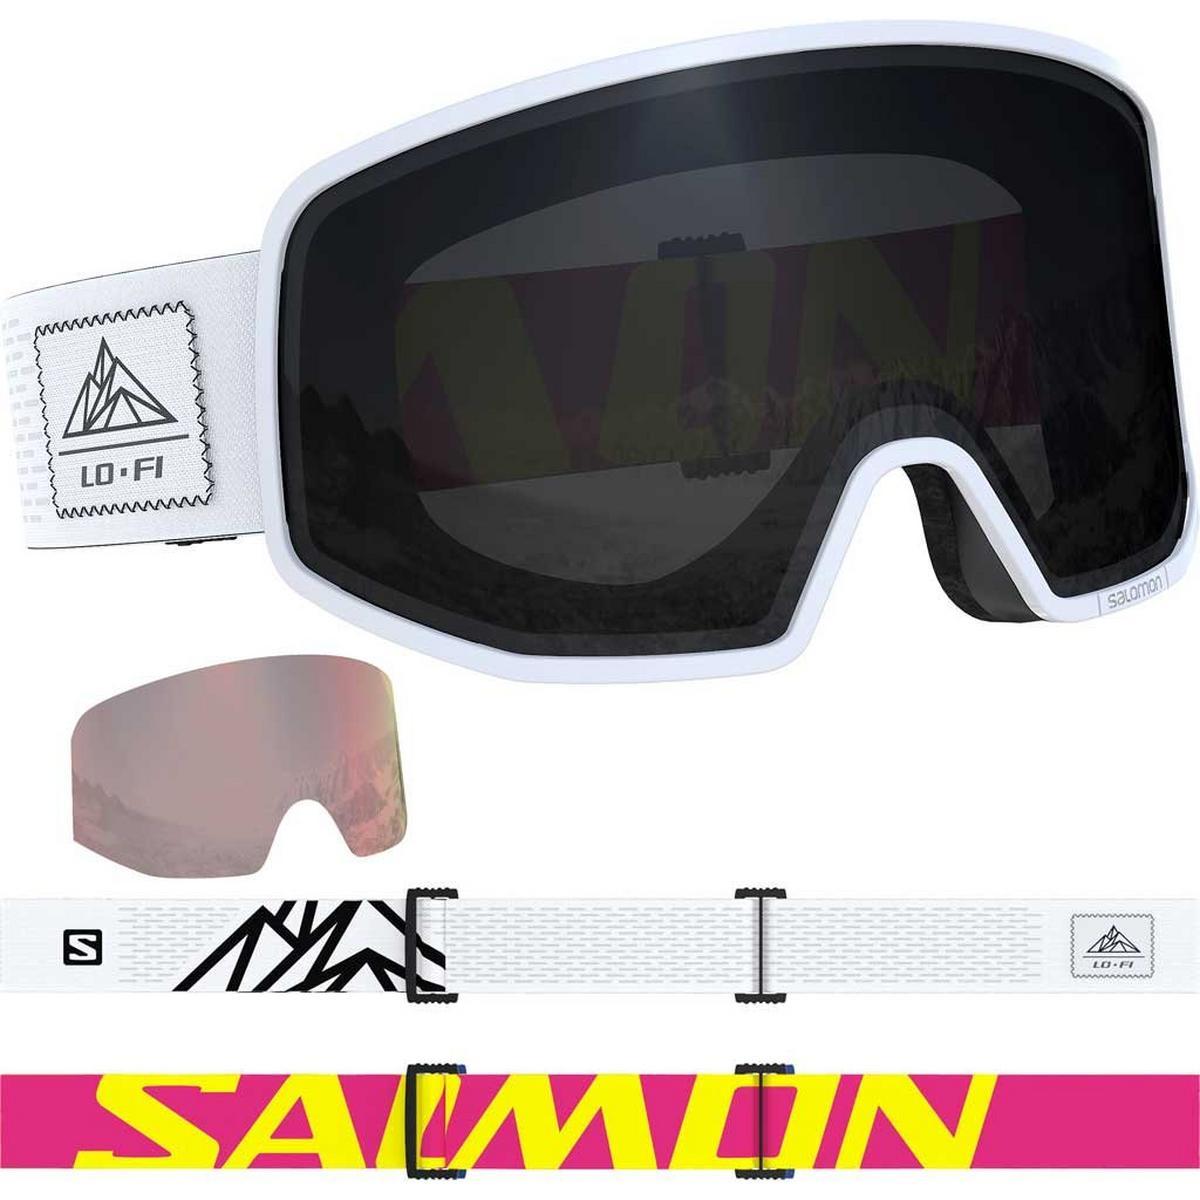 Salomon Ski Goggles LO FI Solar Black/White Cat 3